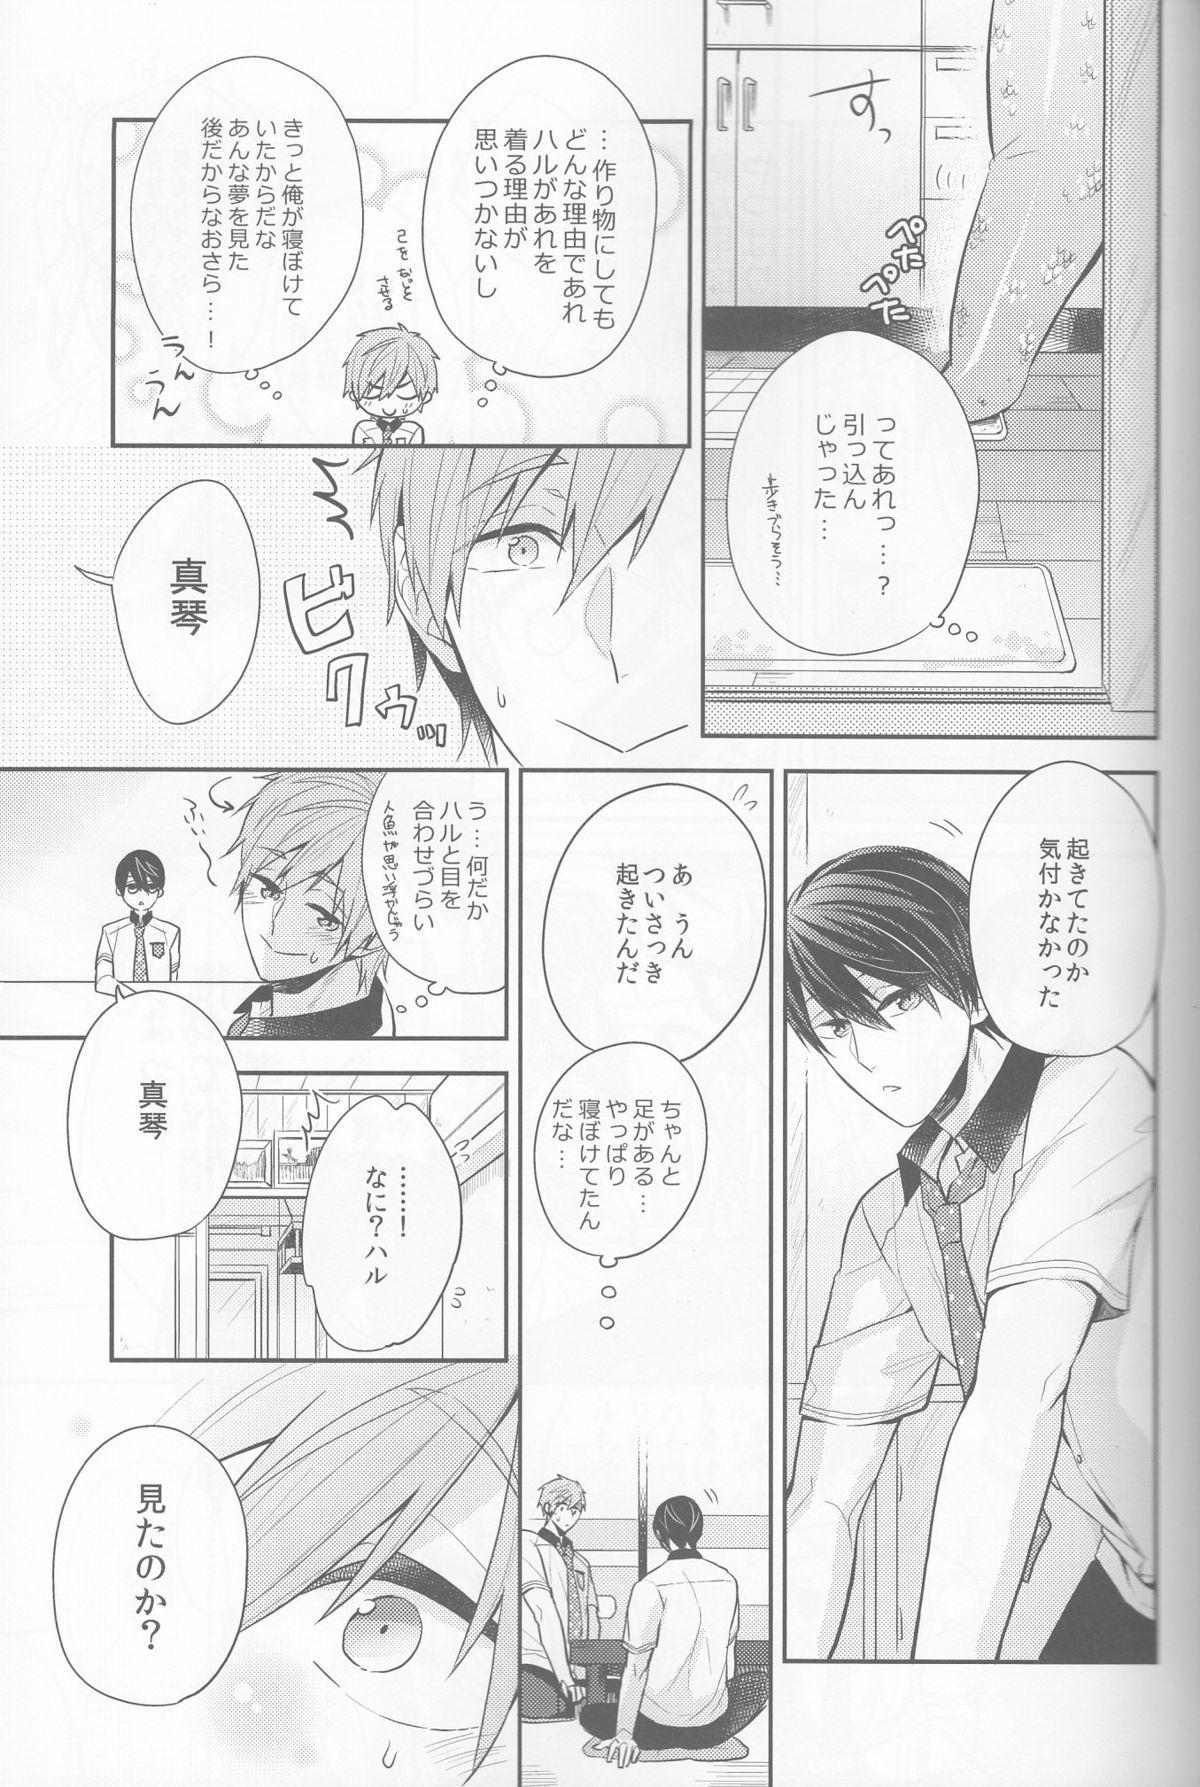 Manatsu no hakuchuumu 7